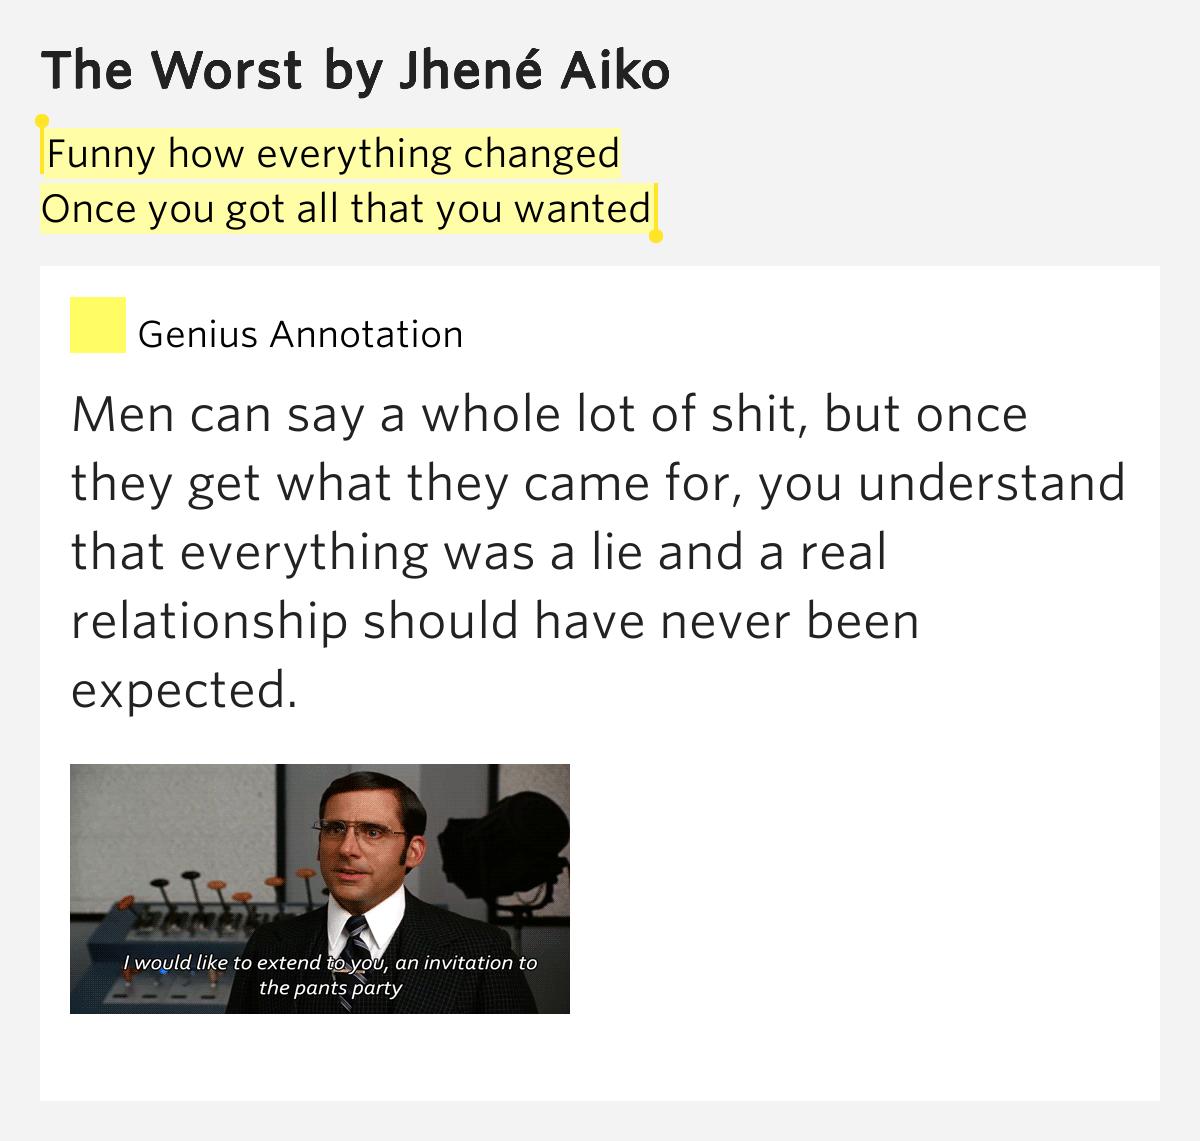 Jhene Aiko Lyrics The Worst Funny how everything c...